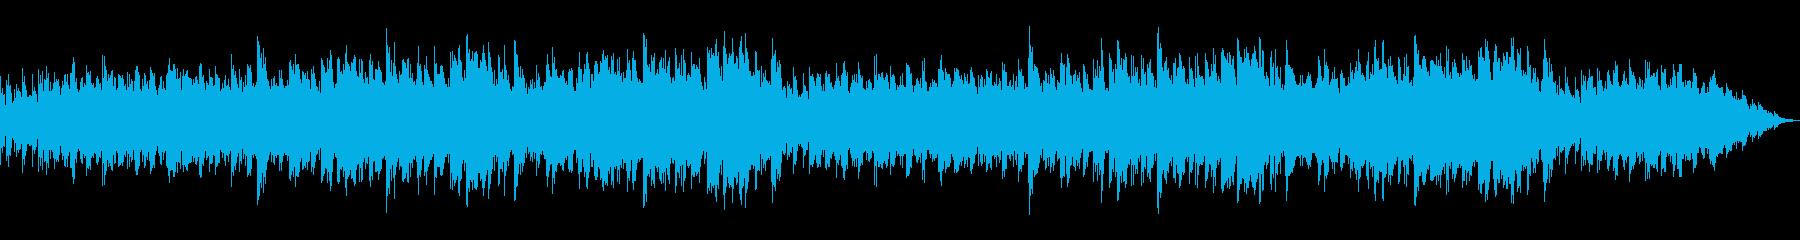 凍てついた氷原や流氷 ピアノ+ドローンの再生済みの波形